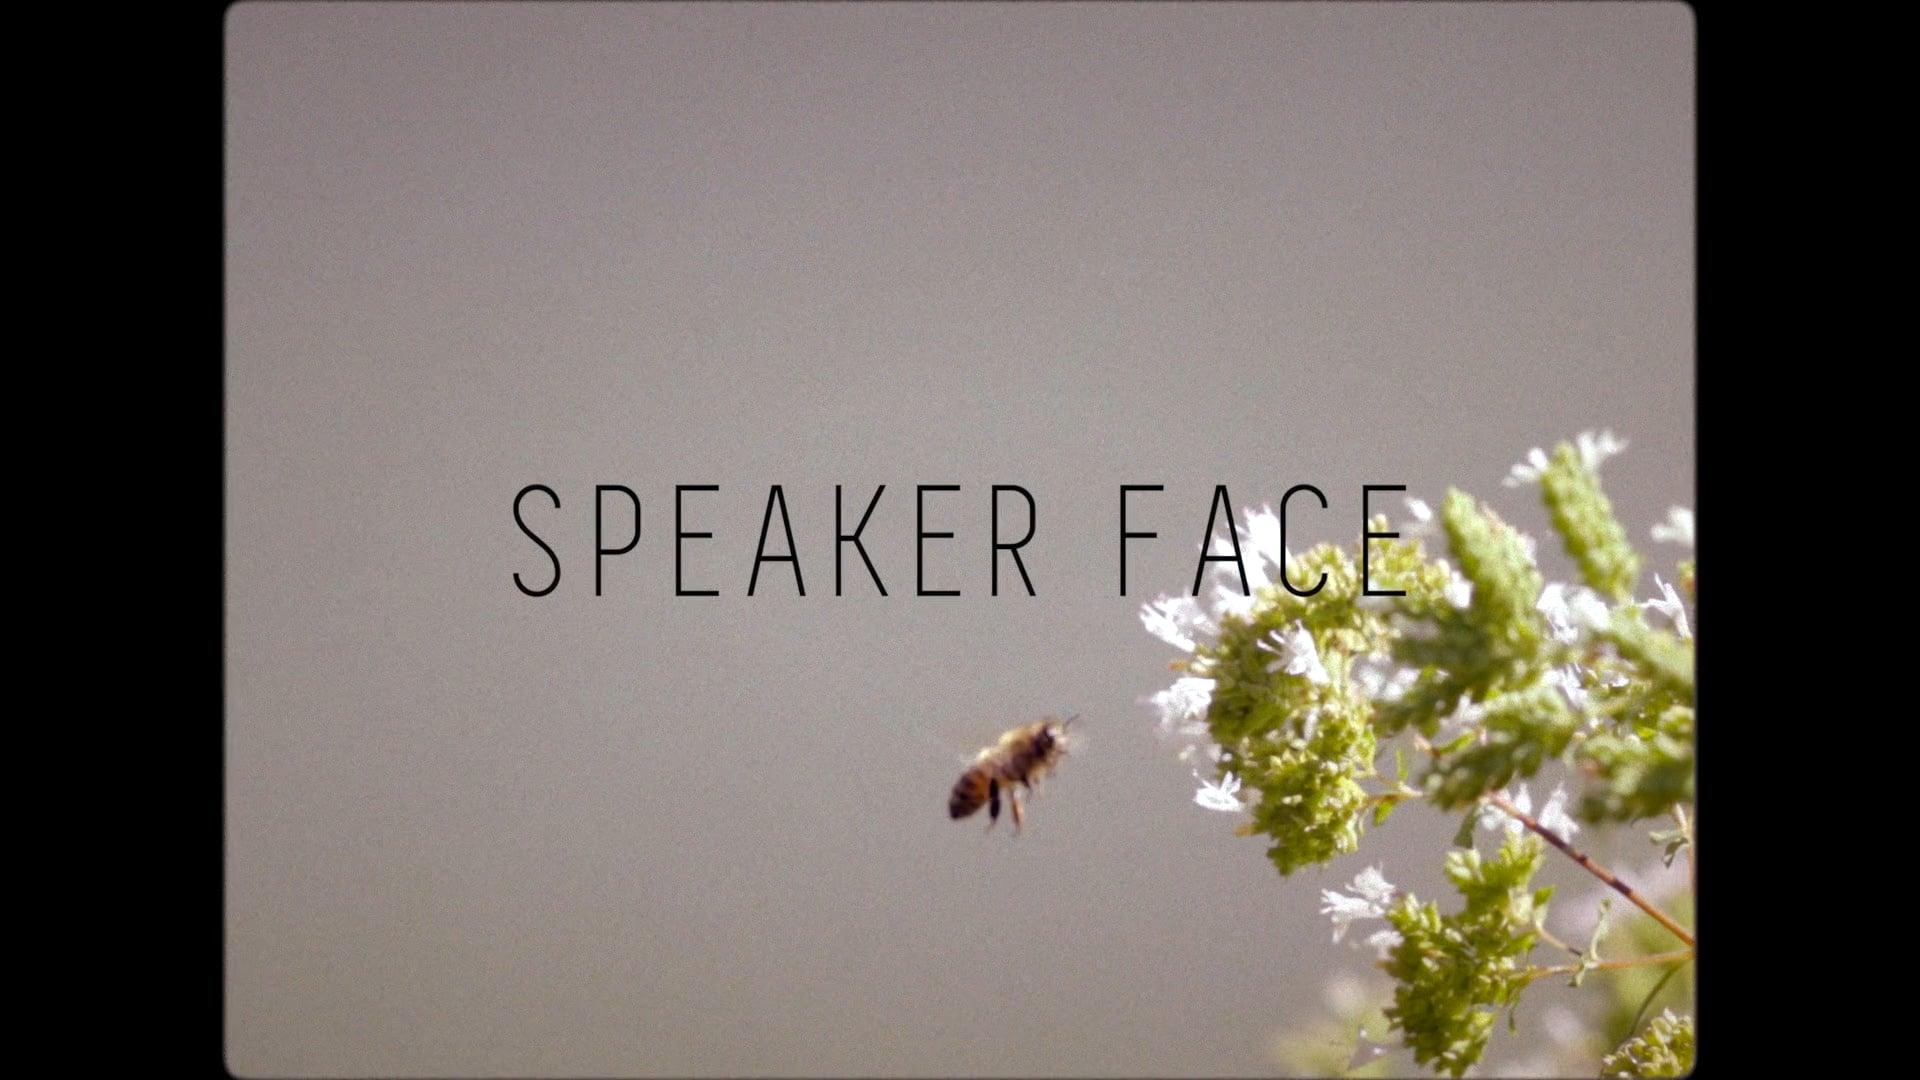 SPEAKER FACE - Work Friends